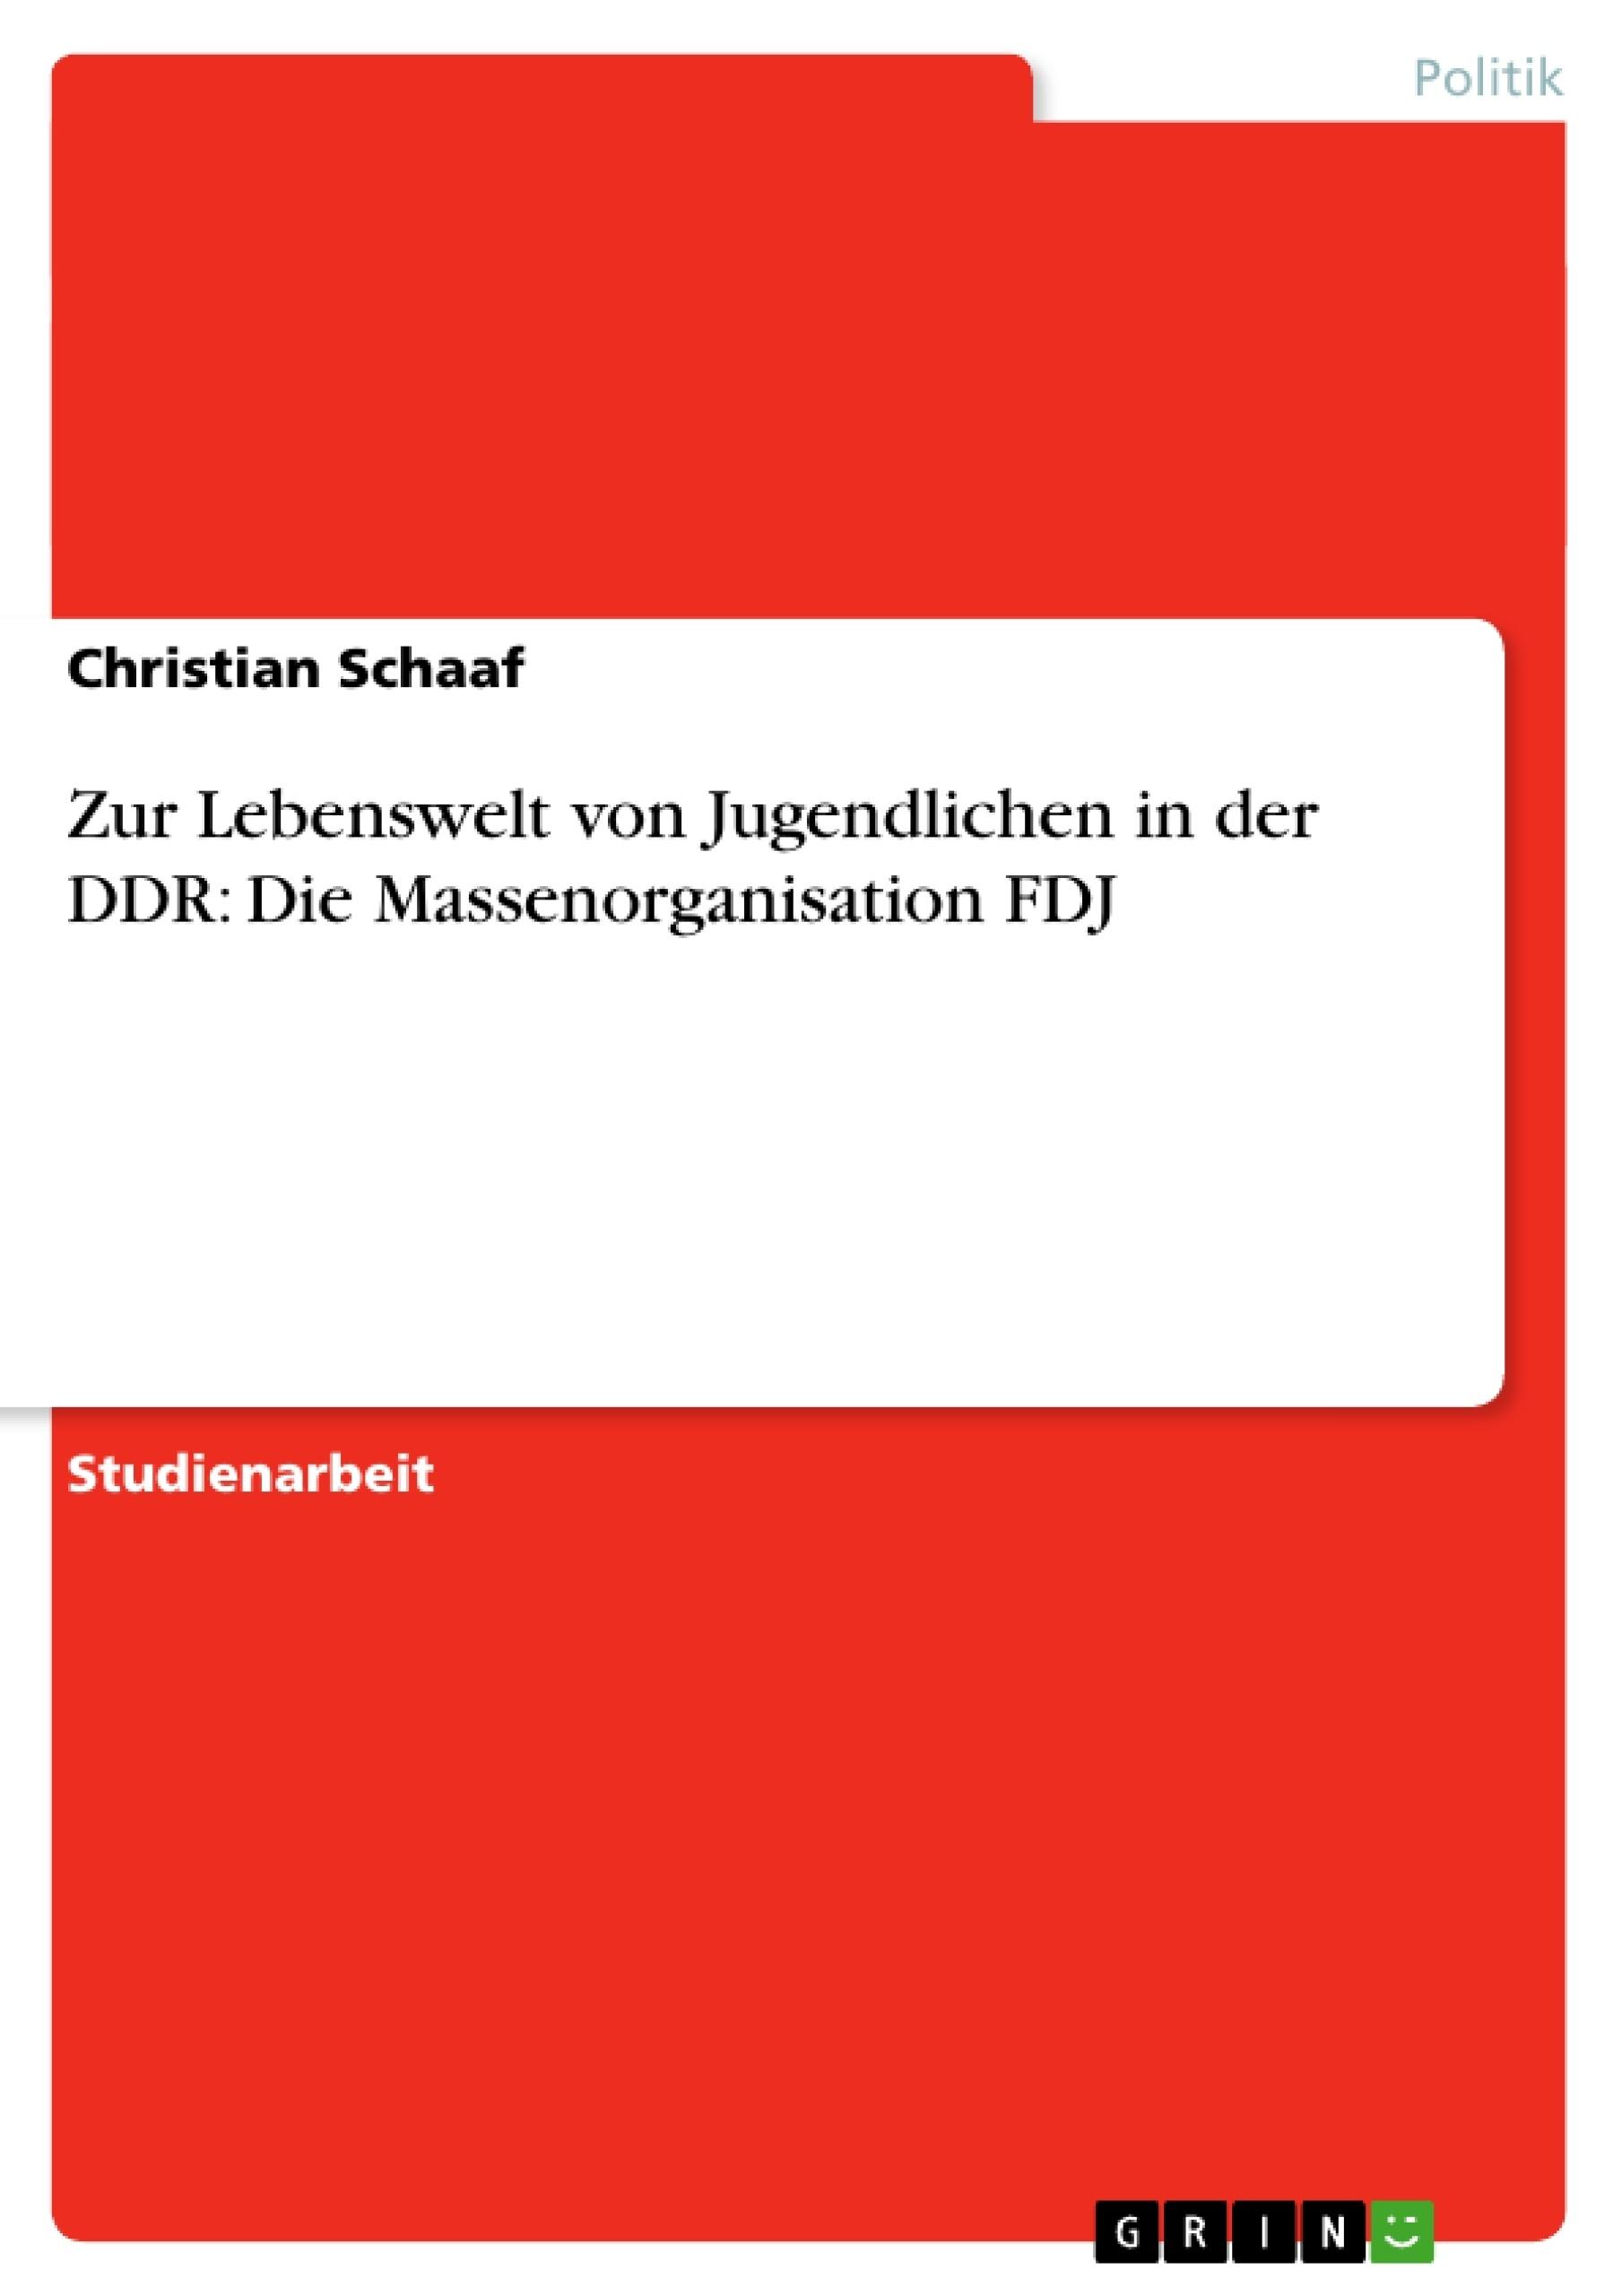 Titel: Zur Lebenswelt von Jugendlichen in der DDR: Die Massenorganisation FDJ